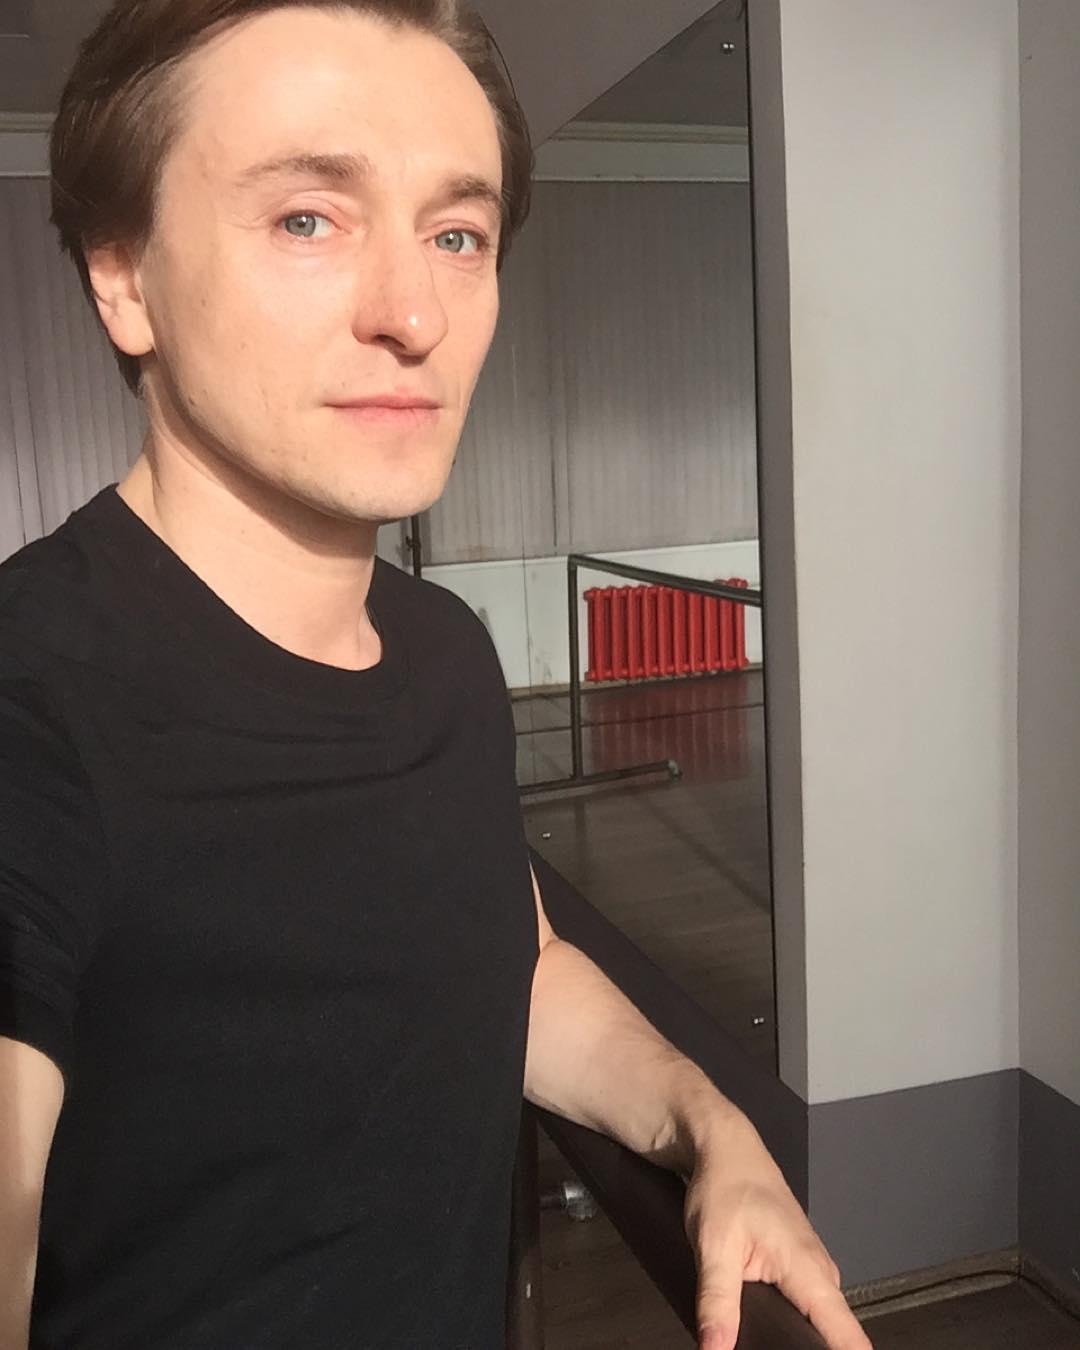 Сергей Безруков рассказал, как познакомился со своей новой возлюбленной